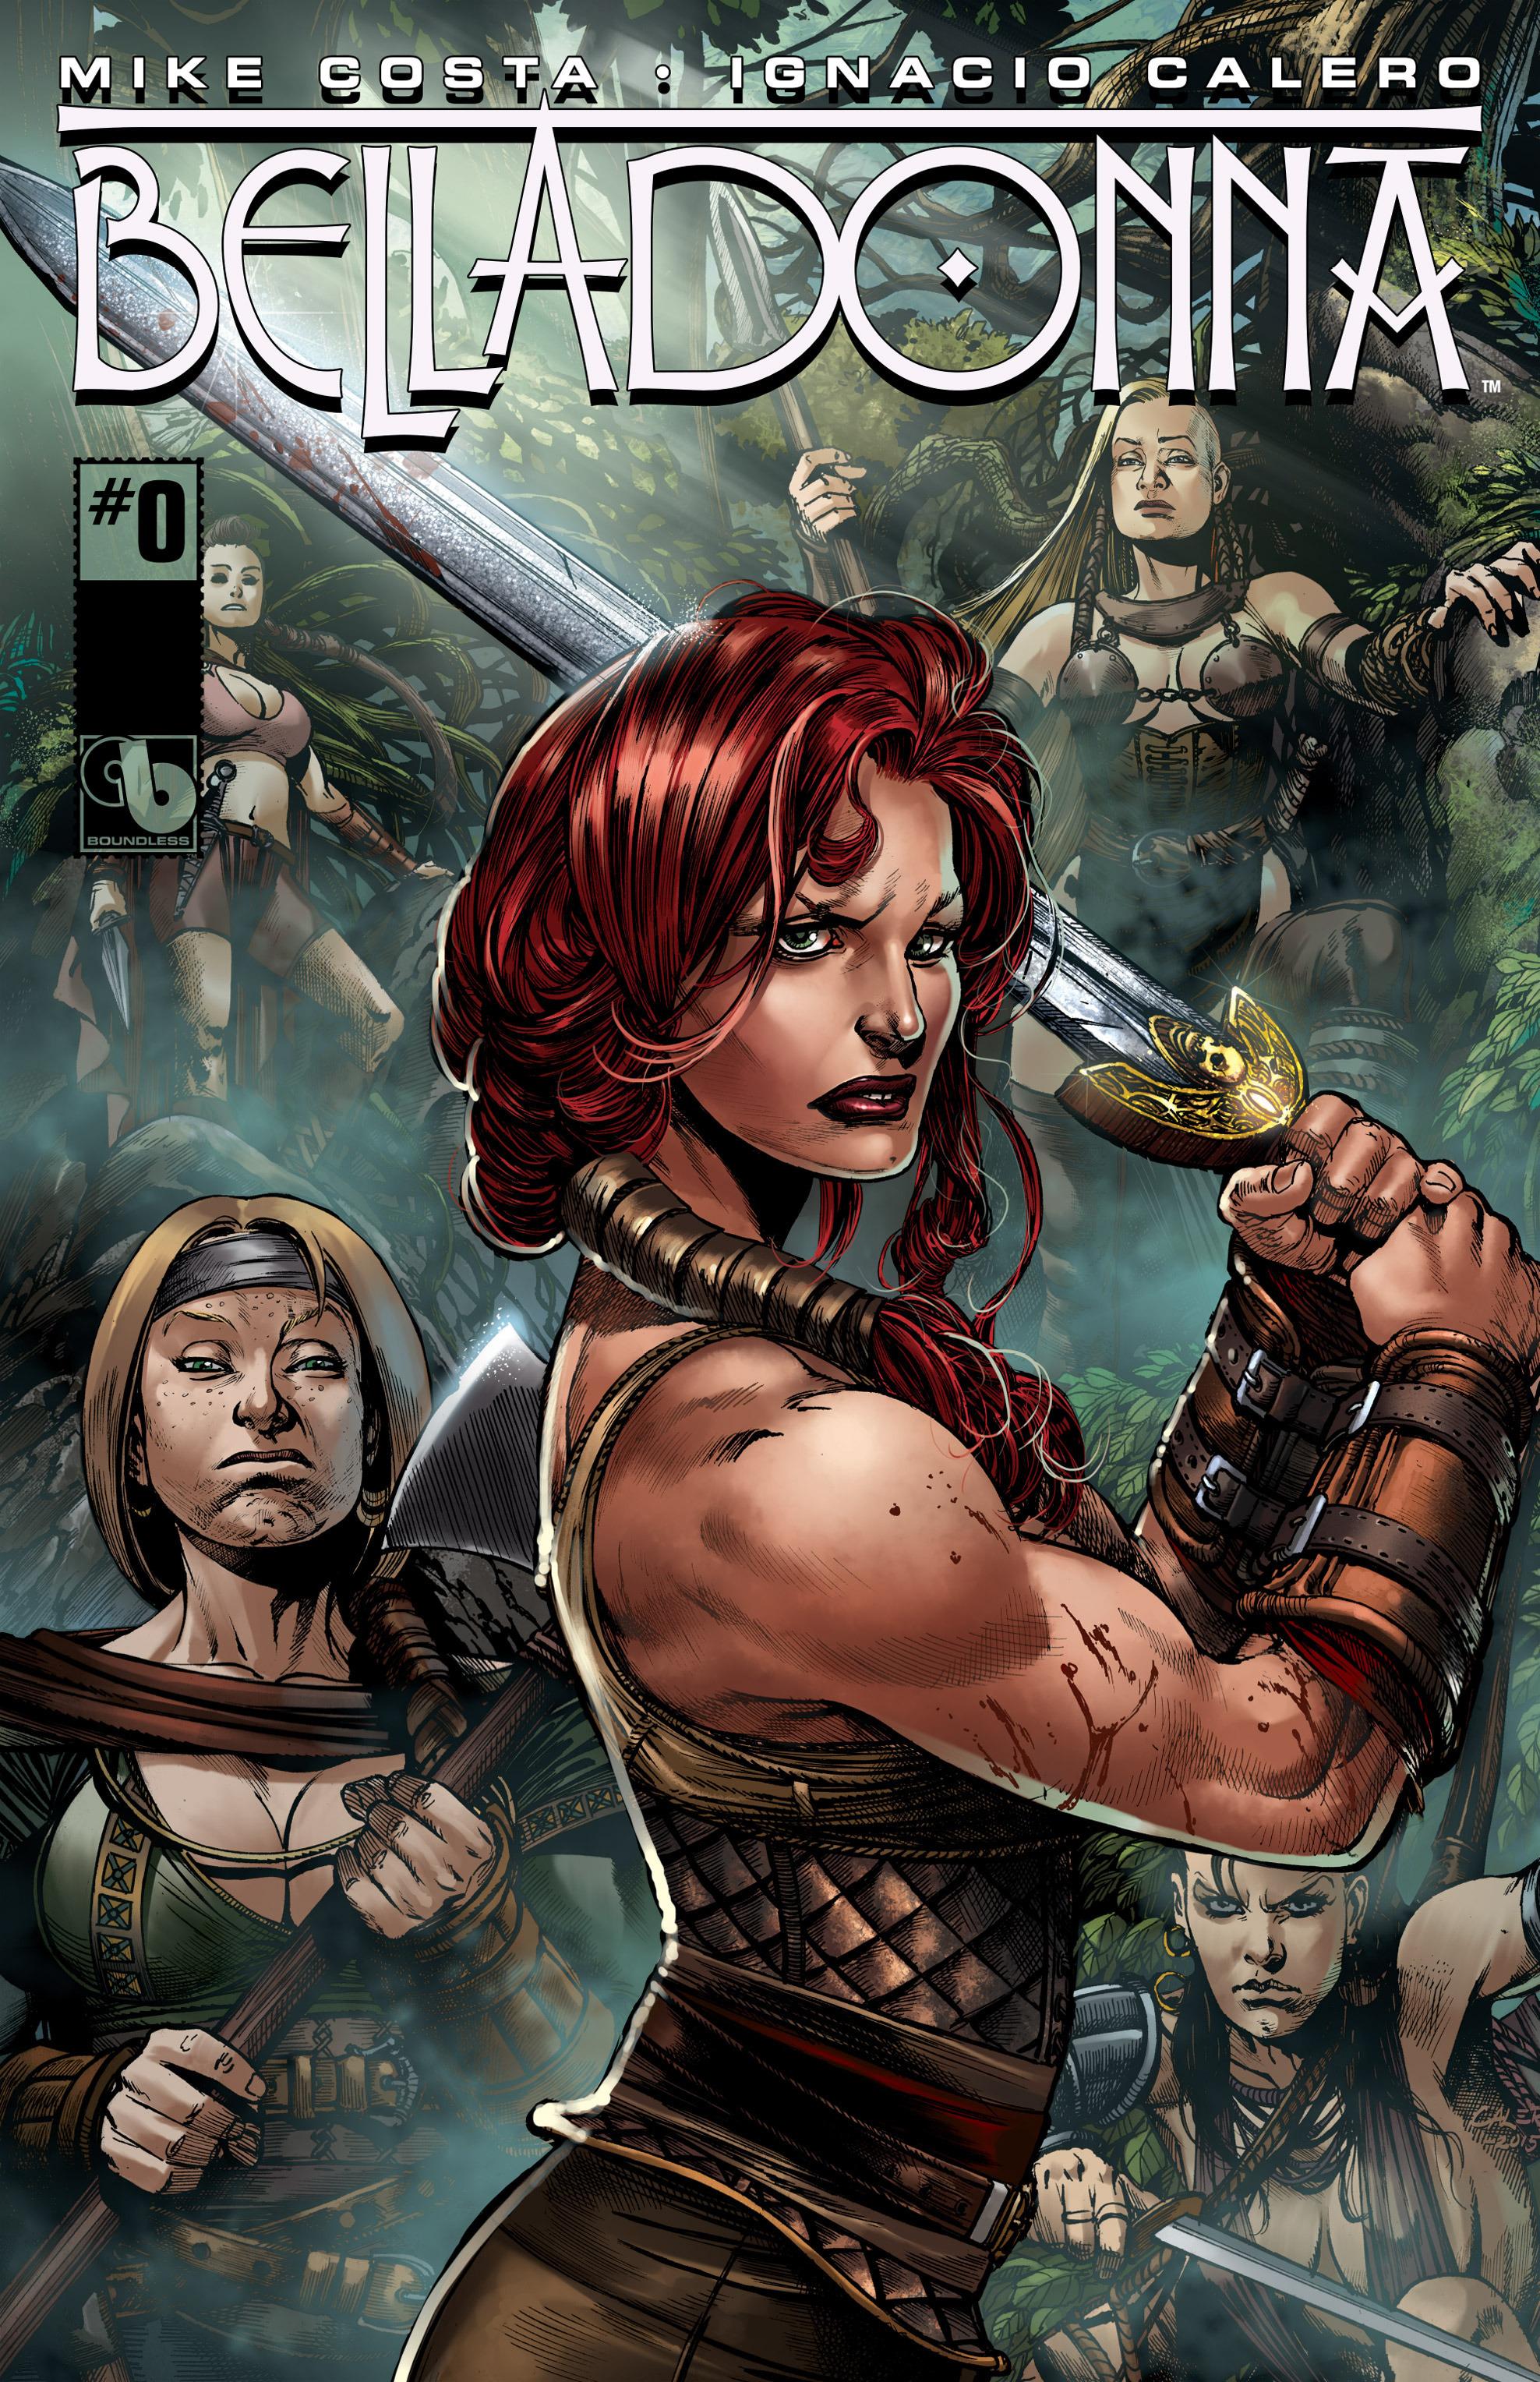 Read online Belladonna comic -  Issue #0 - 1